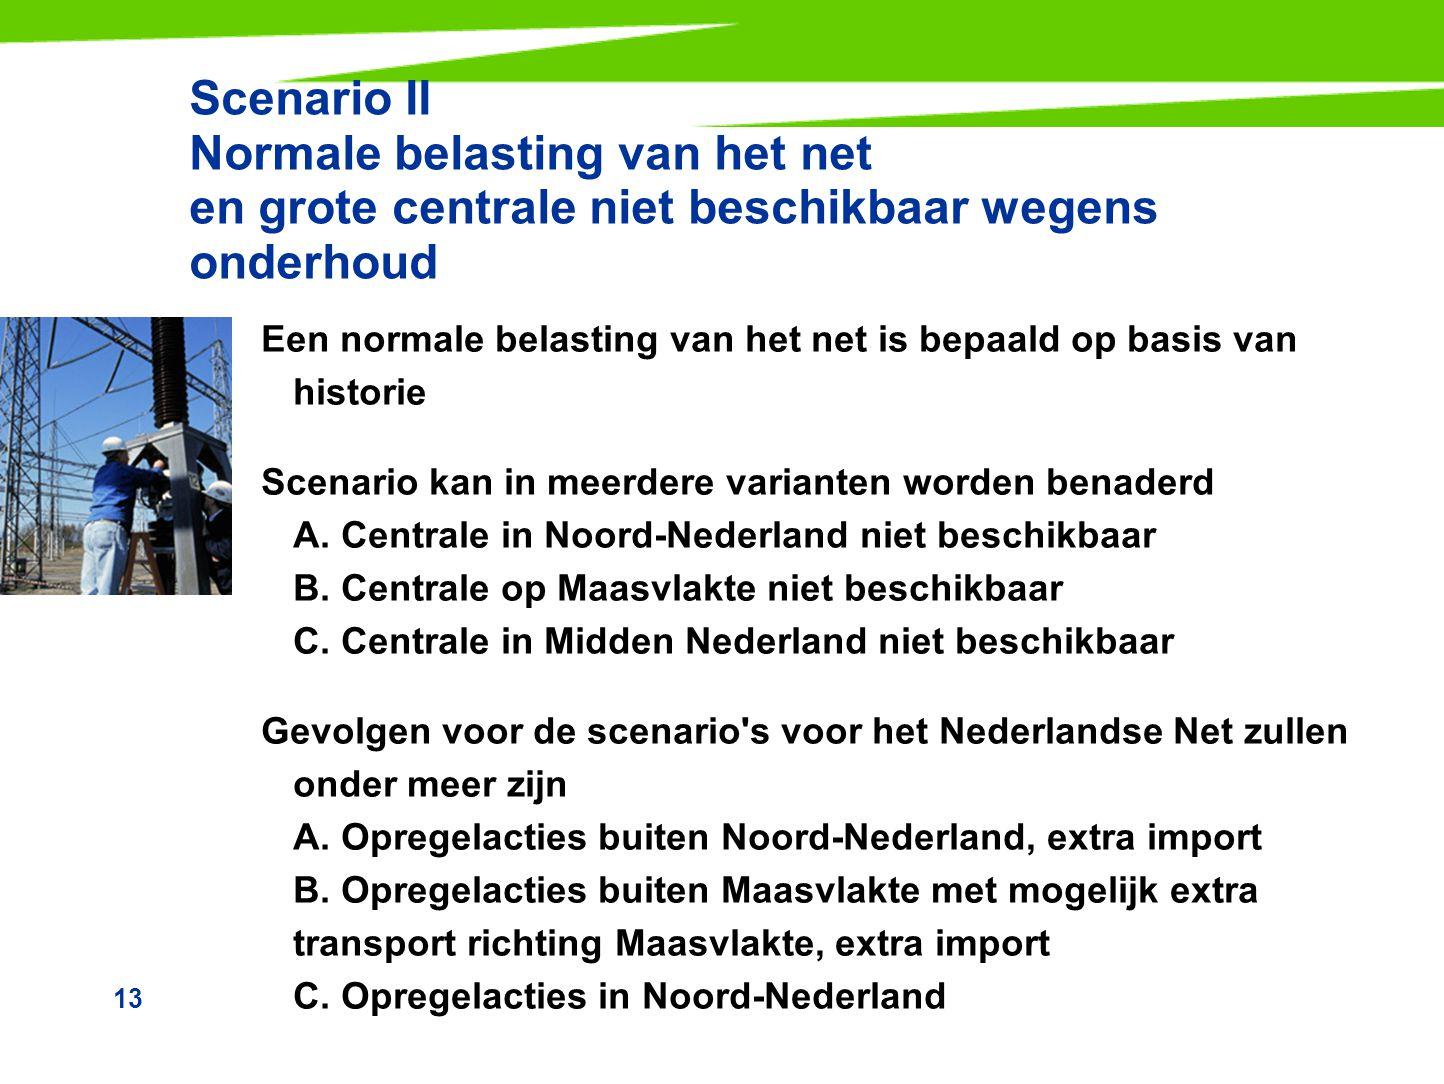 13 Scenario II Normale belasting van het net en grote centrale niet beschikbaar wegens onderhoud Een normale belasting van het net is bepaald op basis